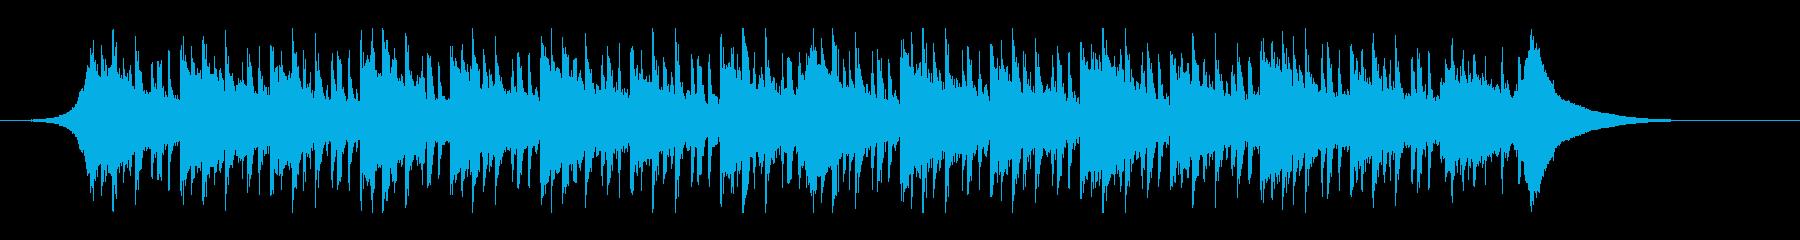 健康管理(45秒)の再生済みの波形